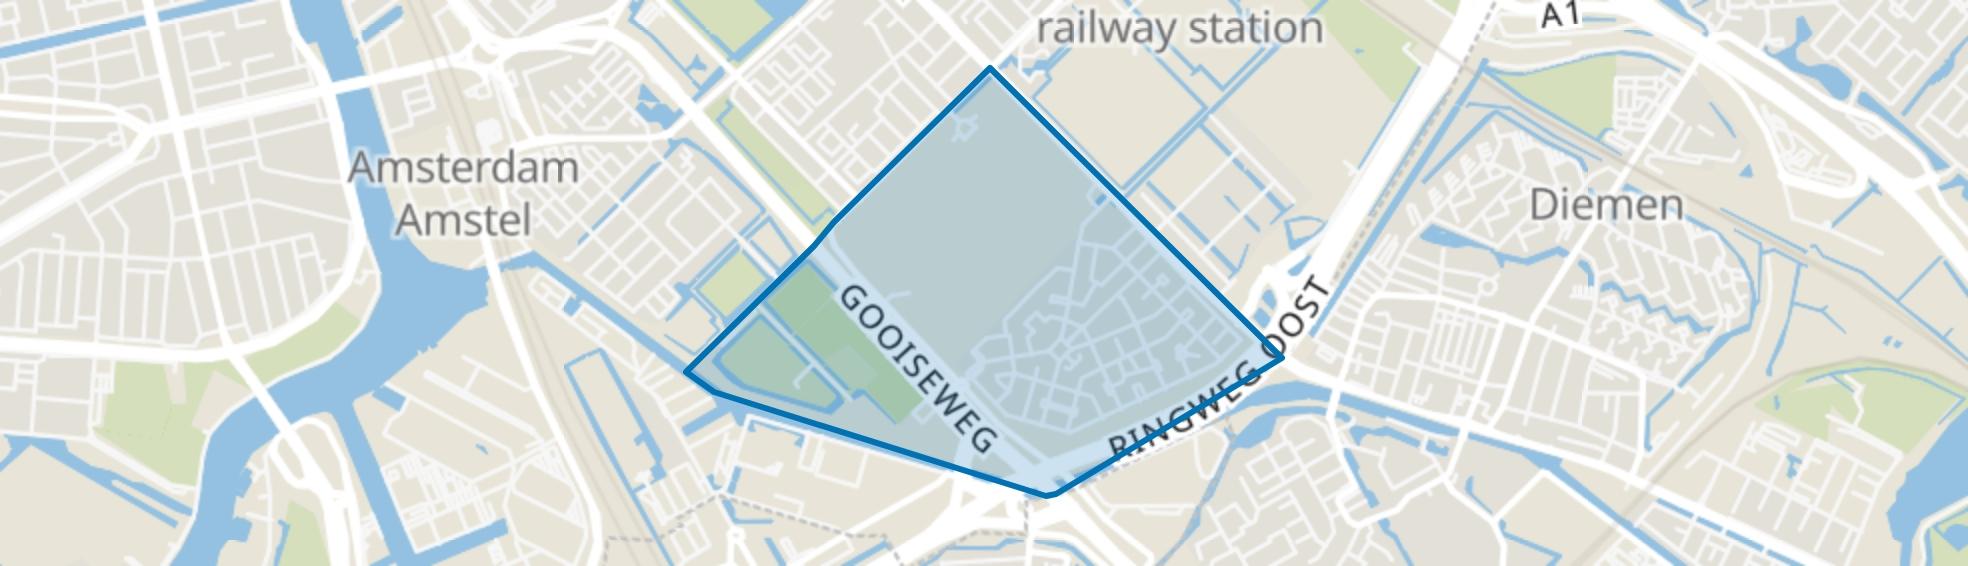 Betondorp, Amsterdam map